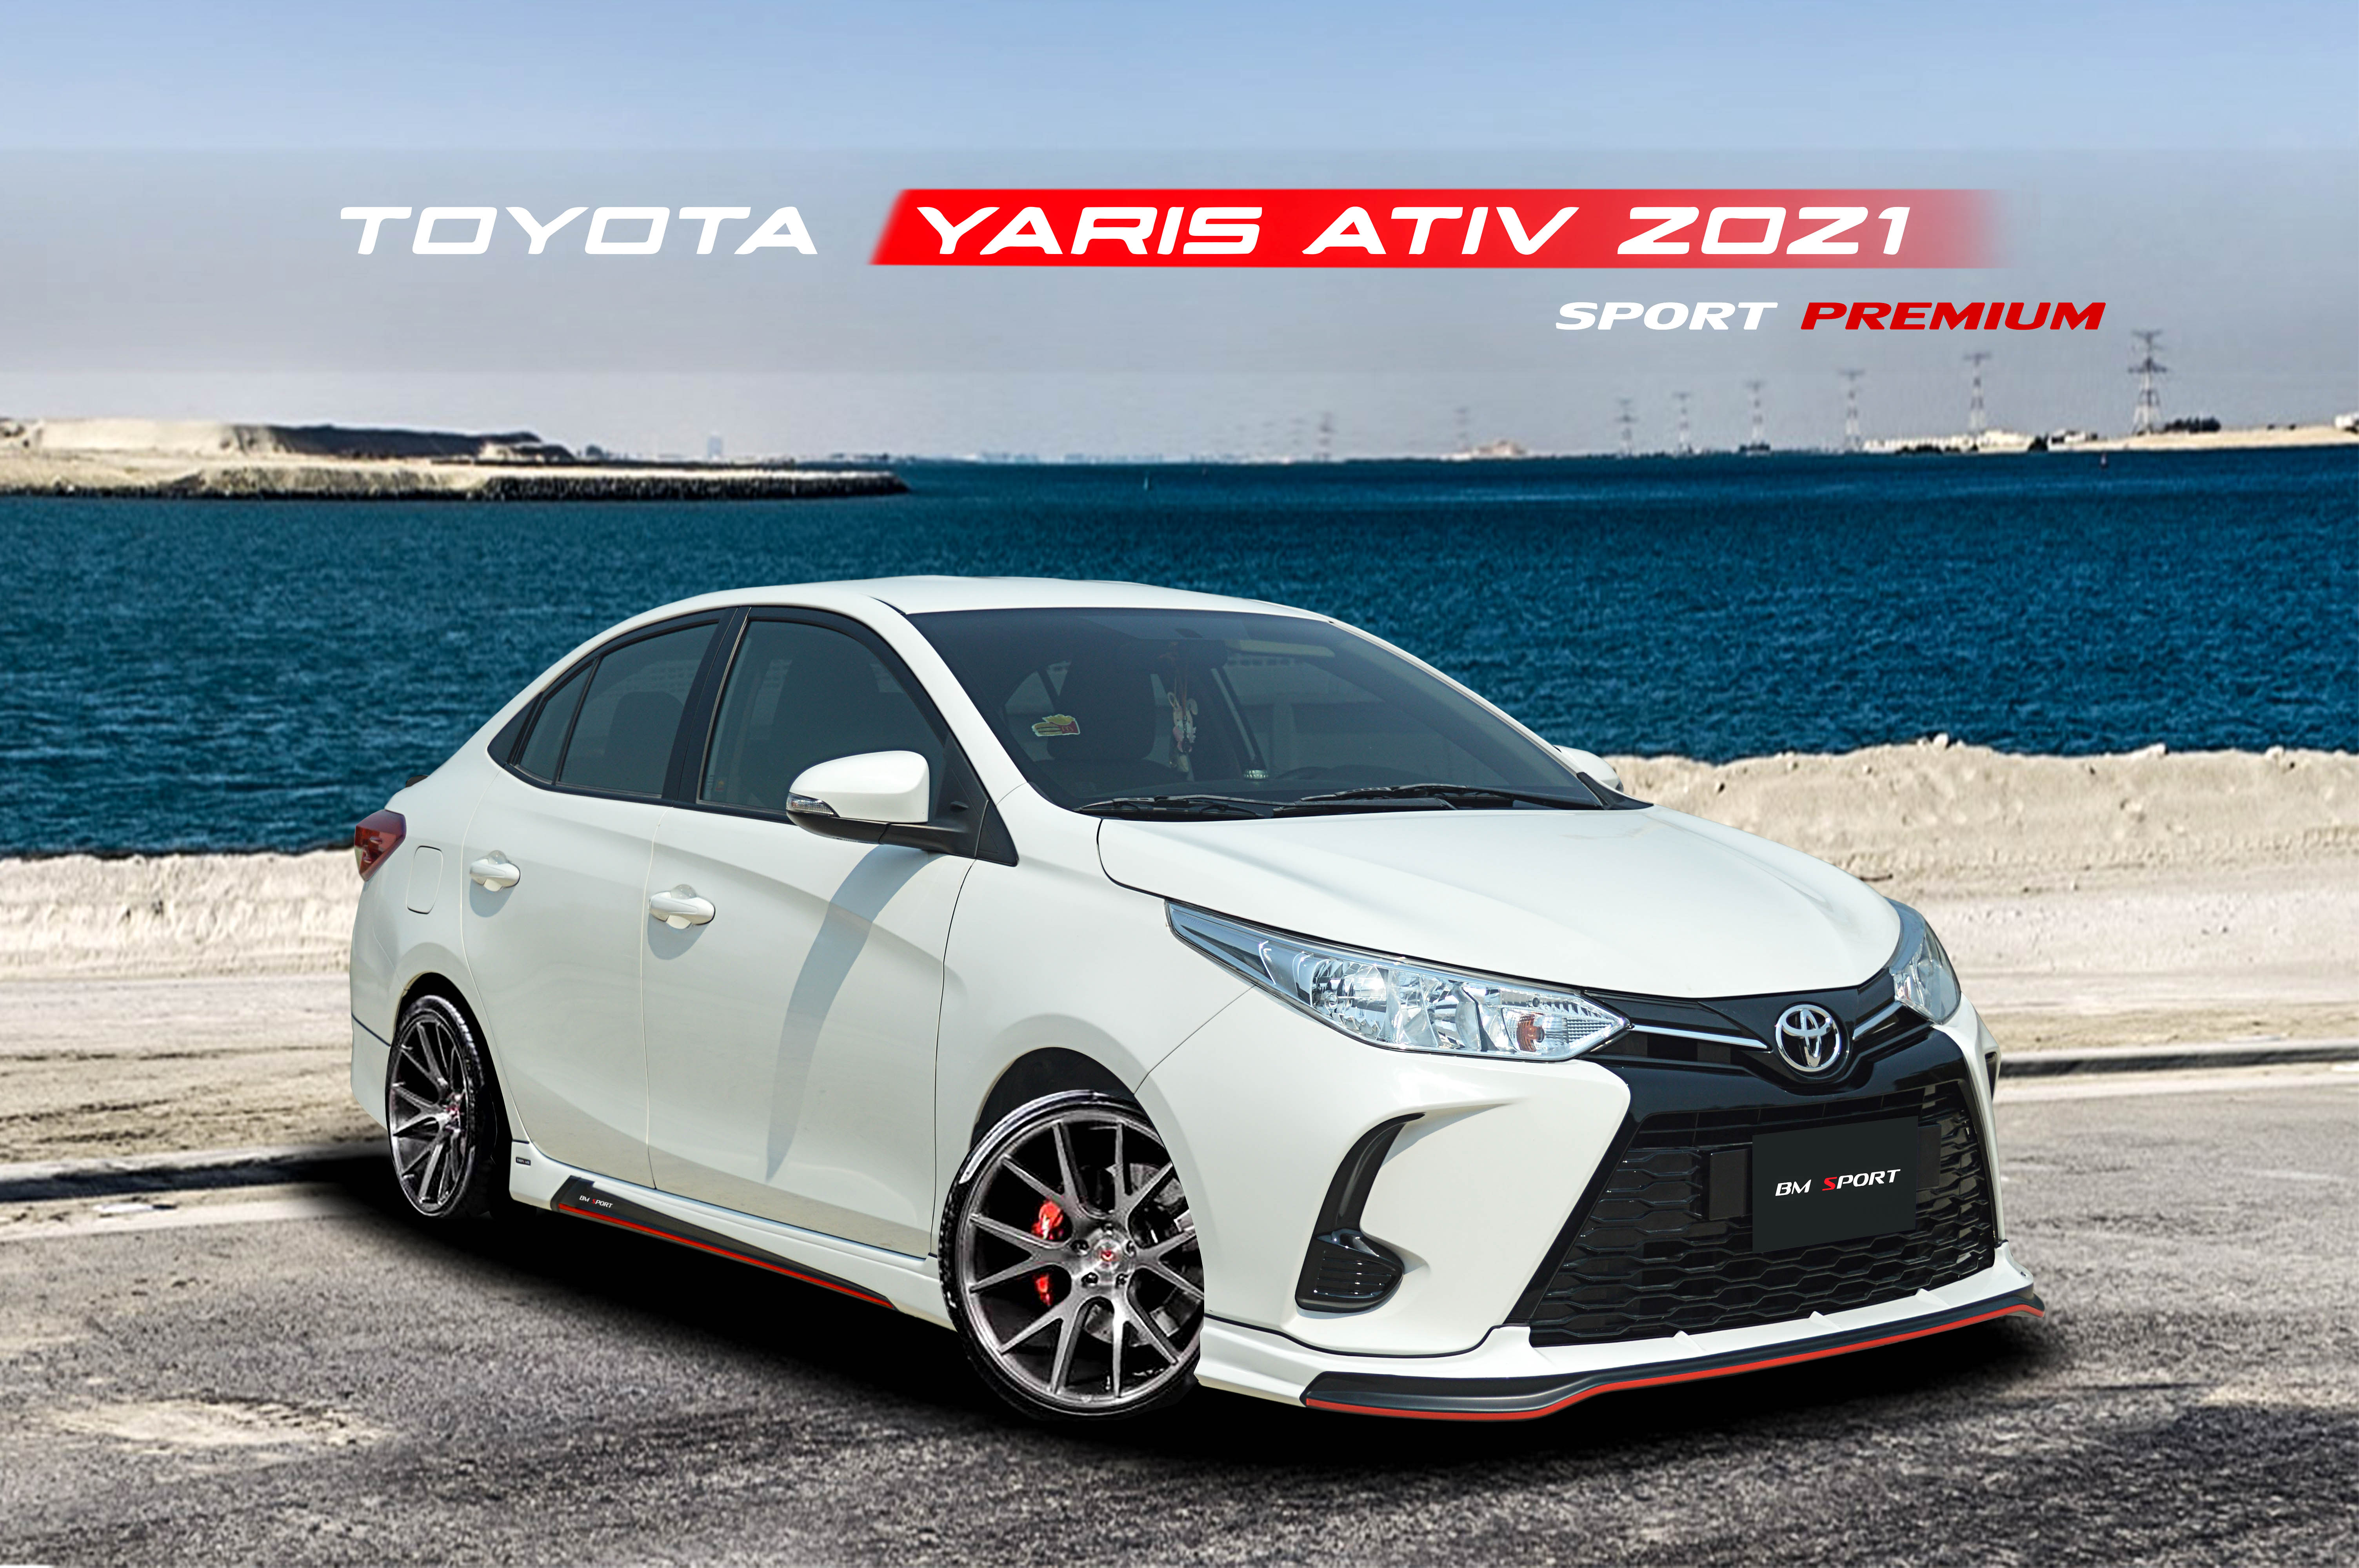 ชุดแต่งรอบคัน NEW YARIS ATIV 2021 (SPORT PREMIUM)